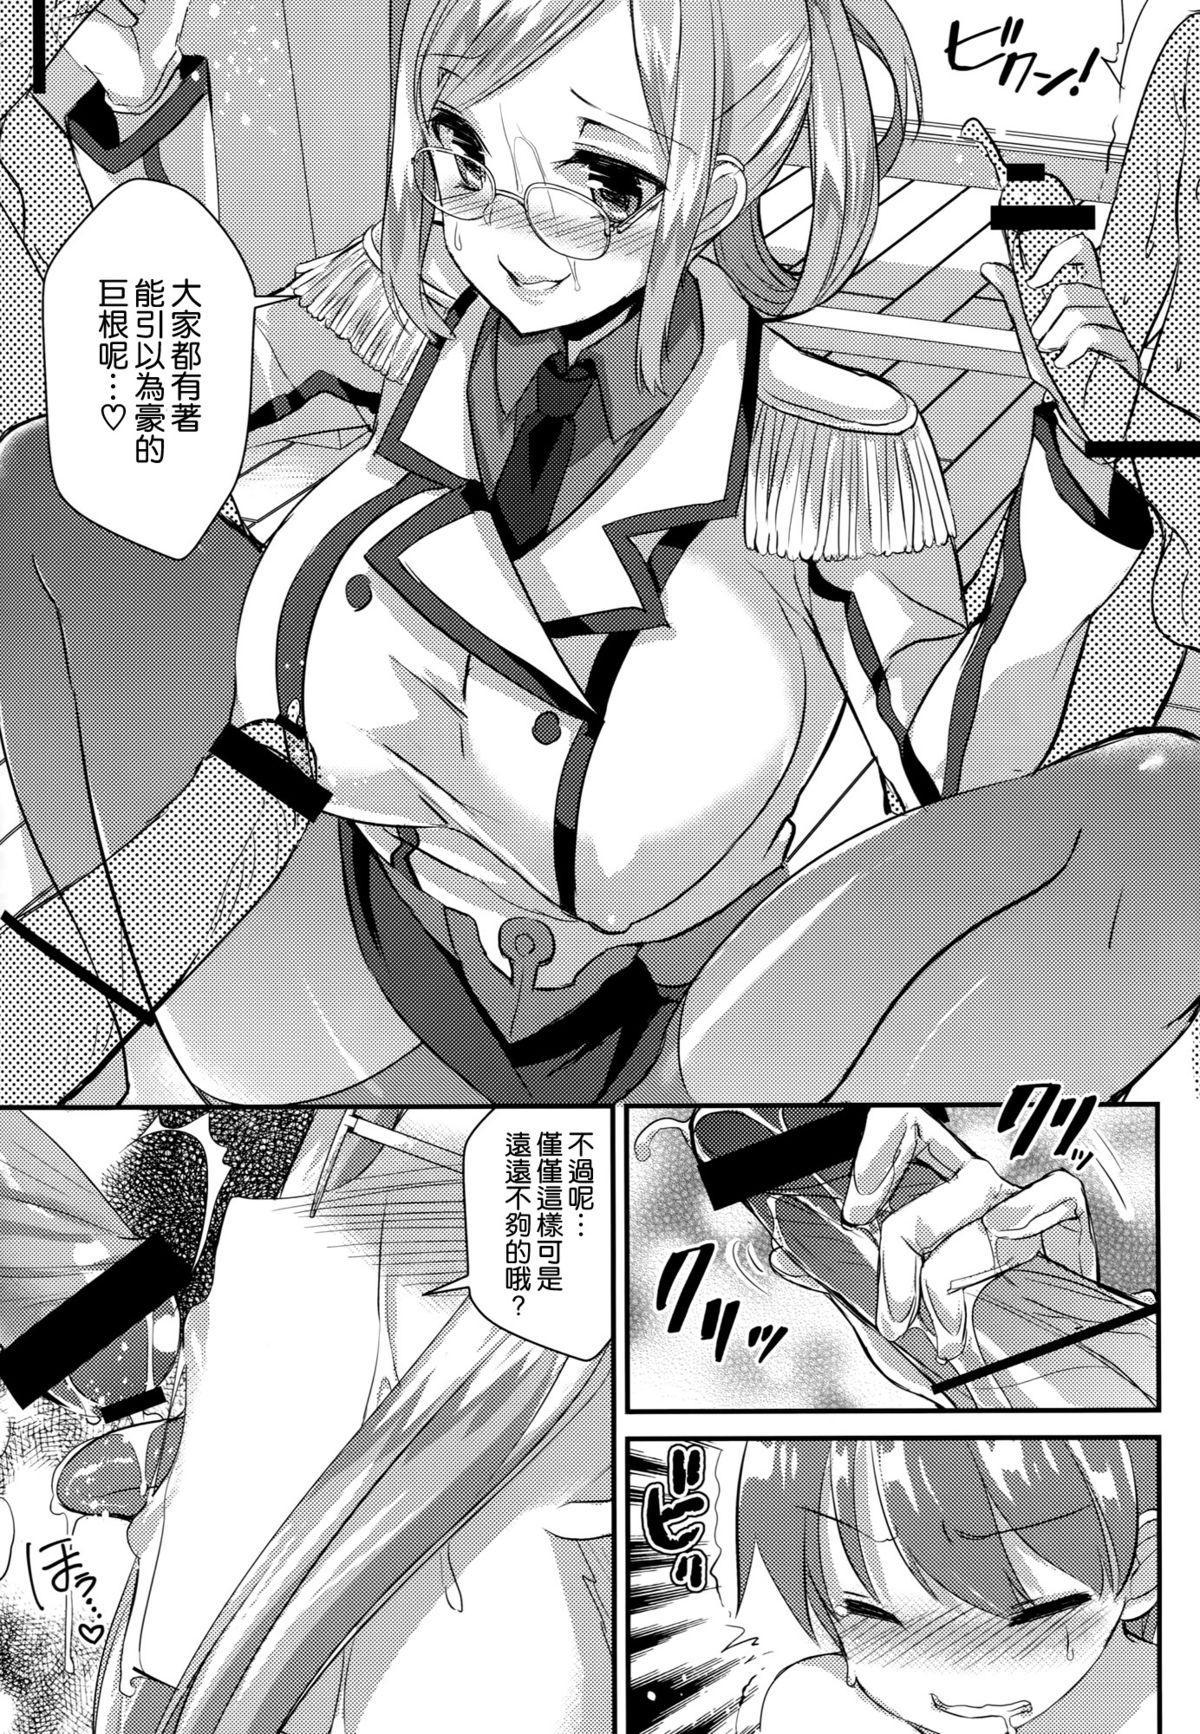 Tanetsuke Renshuukan Katori 7